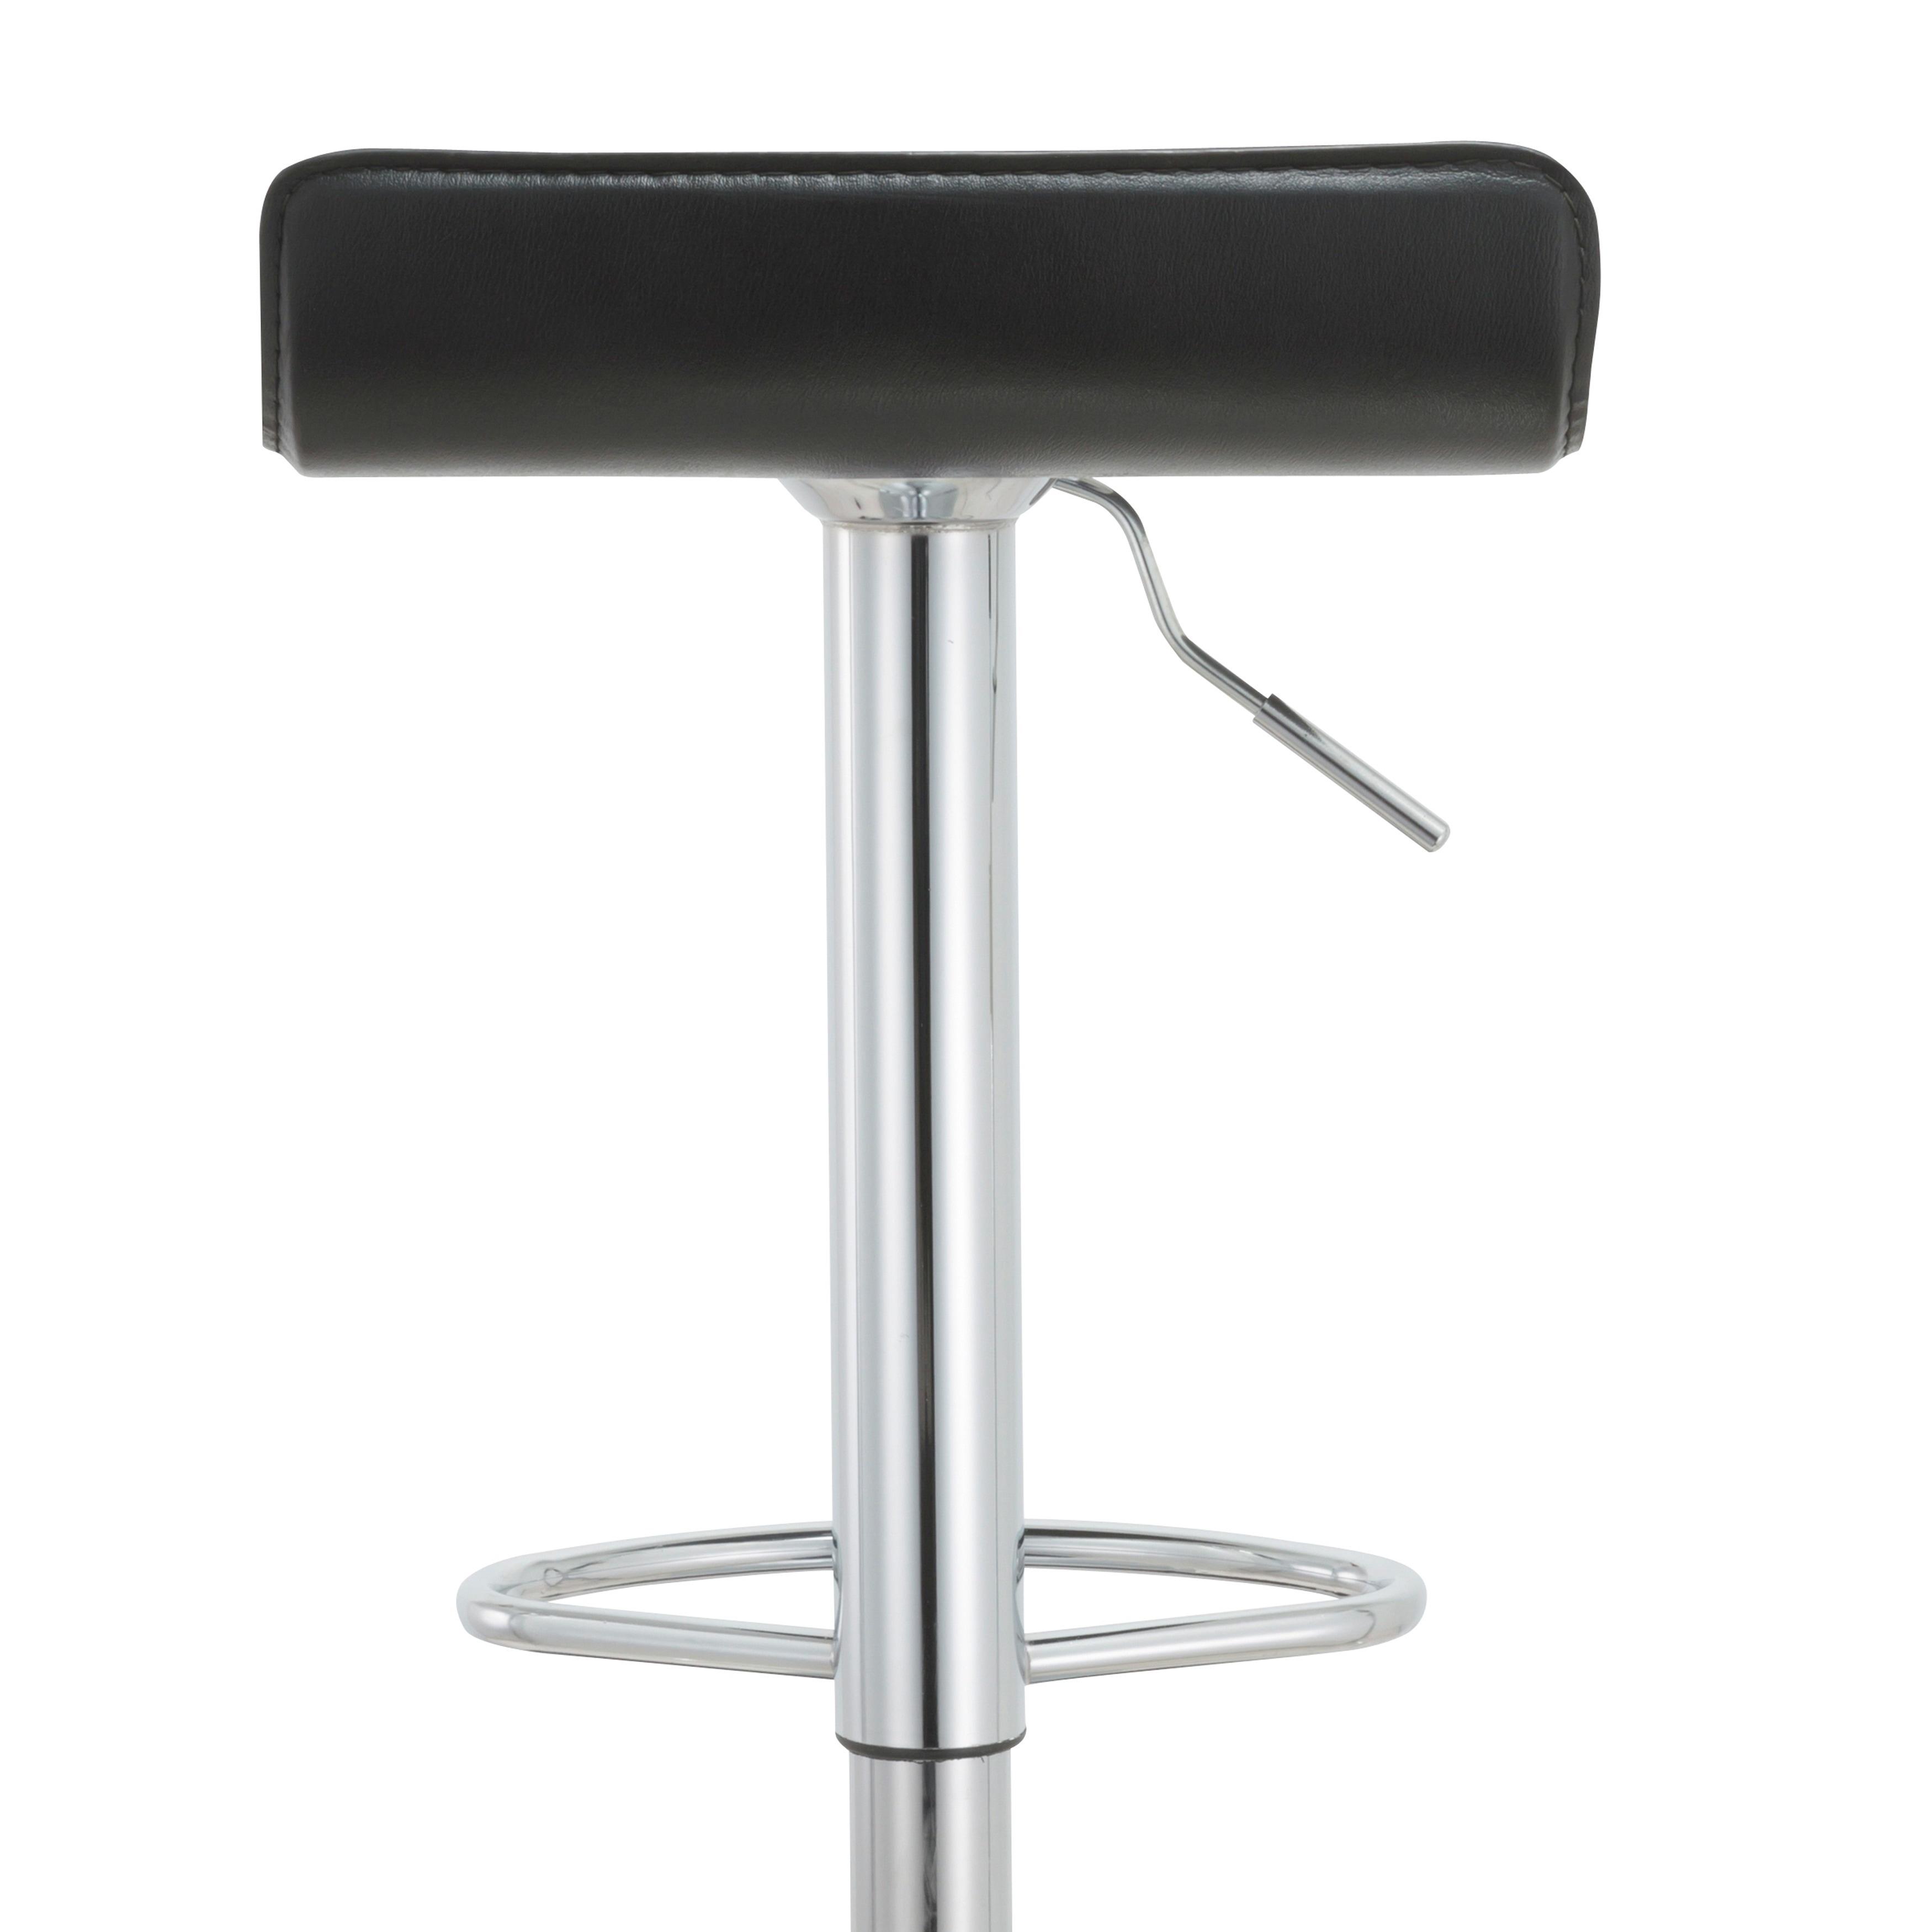 Shop Black Friday Deals On Modern Adjustable Bar Stools Set Of 2 23 5 31 5 H On Sale Overstock 11205230